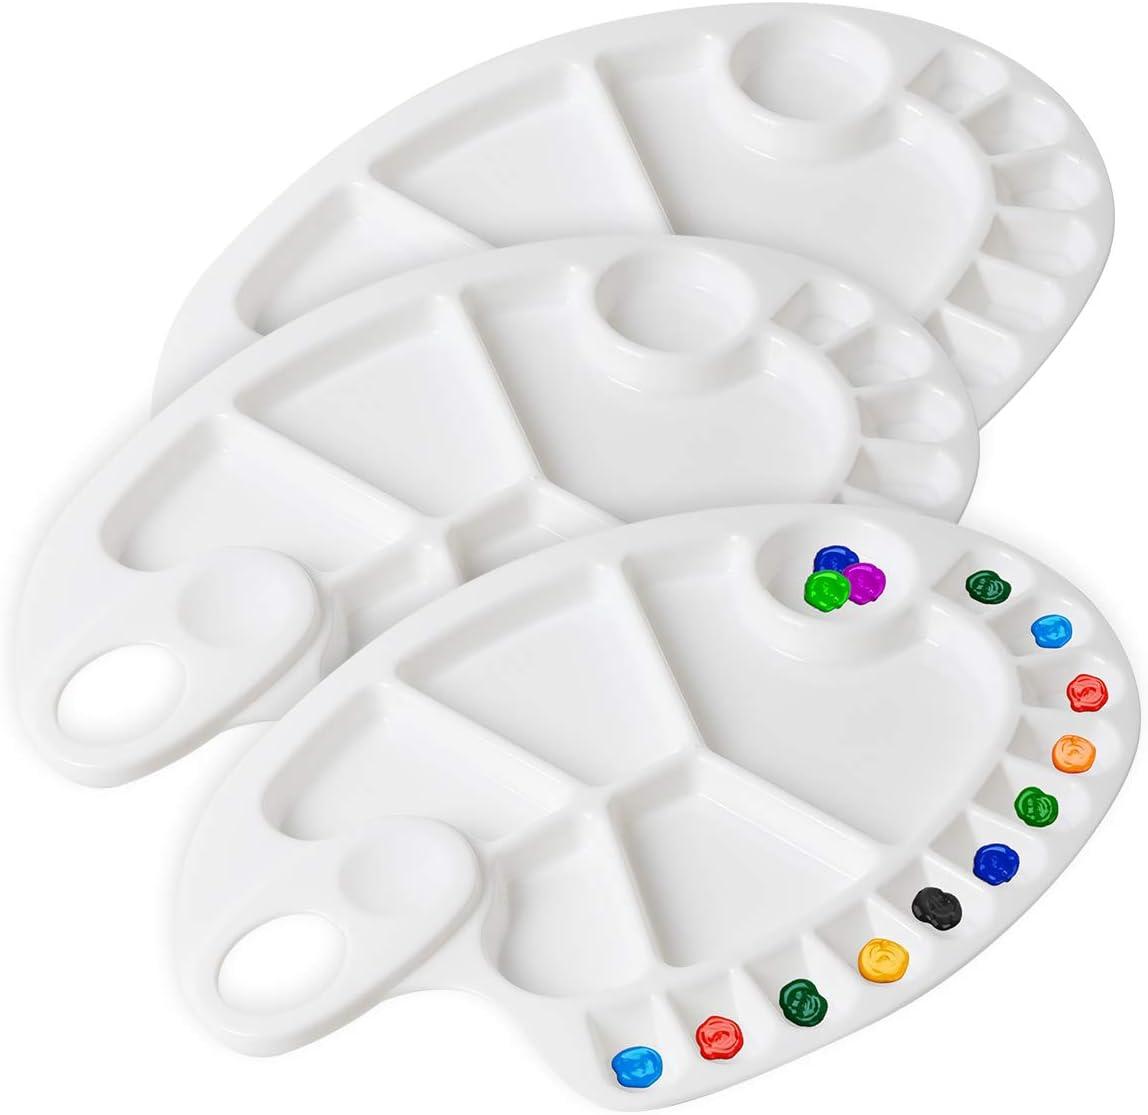 DerBlue 3Pcs Plastic Paint Tray Palettes Acrylic Paint Palette Watercolor Mixing Palette for Artist Painting